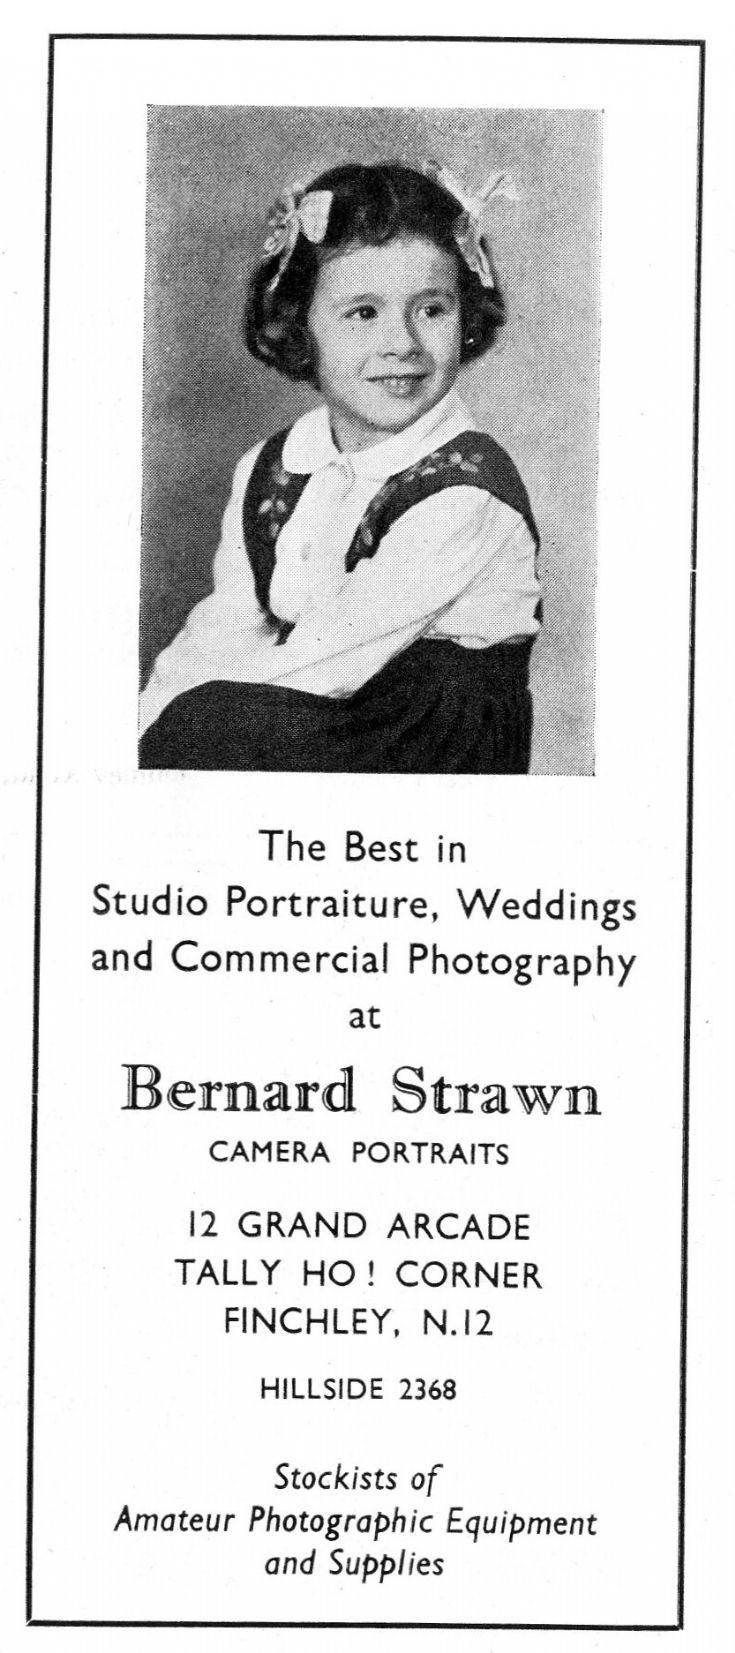 Bernard Strawn